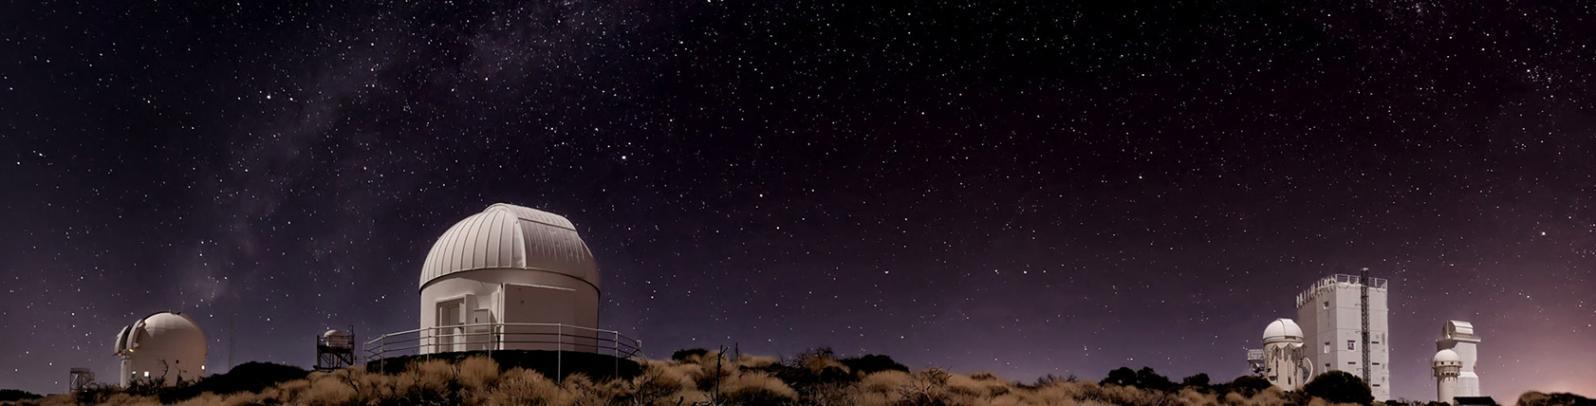 Astrotourism in La Orotava